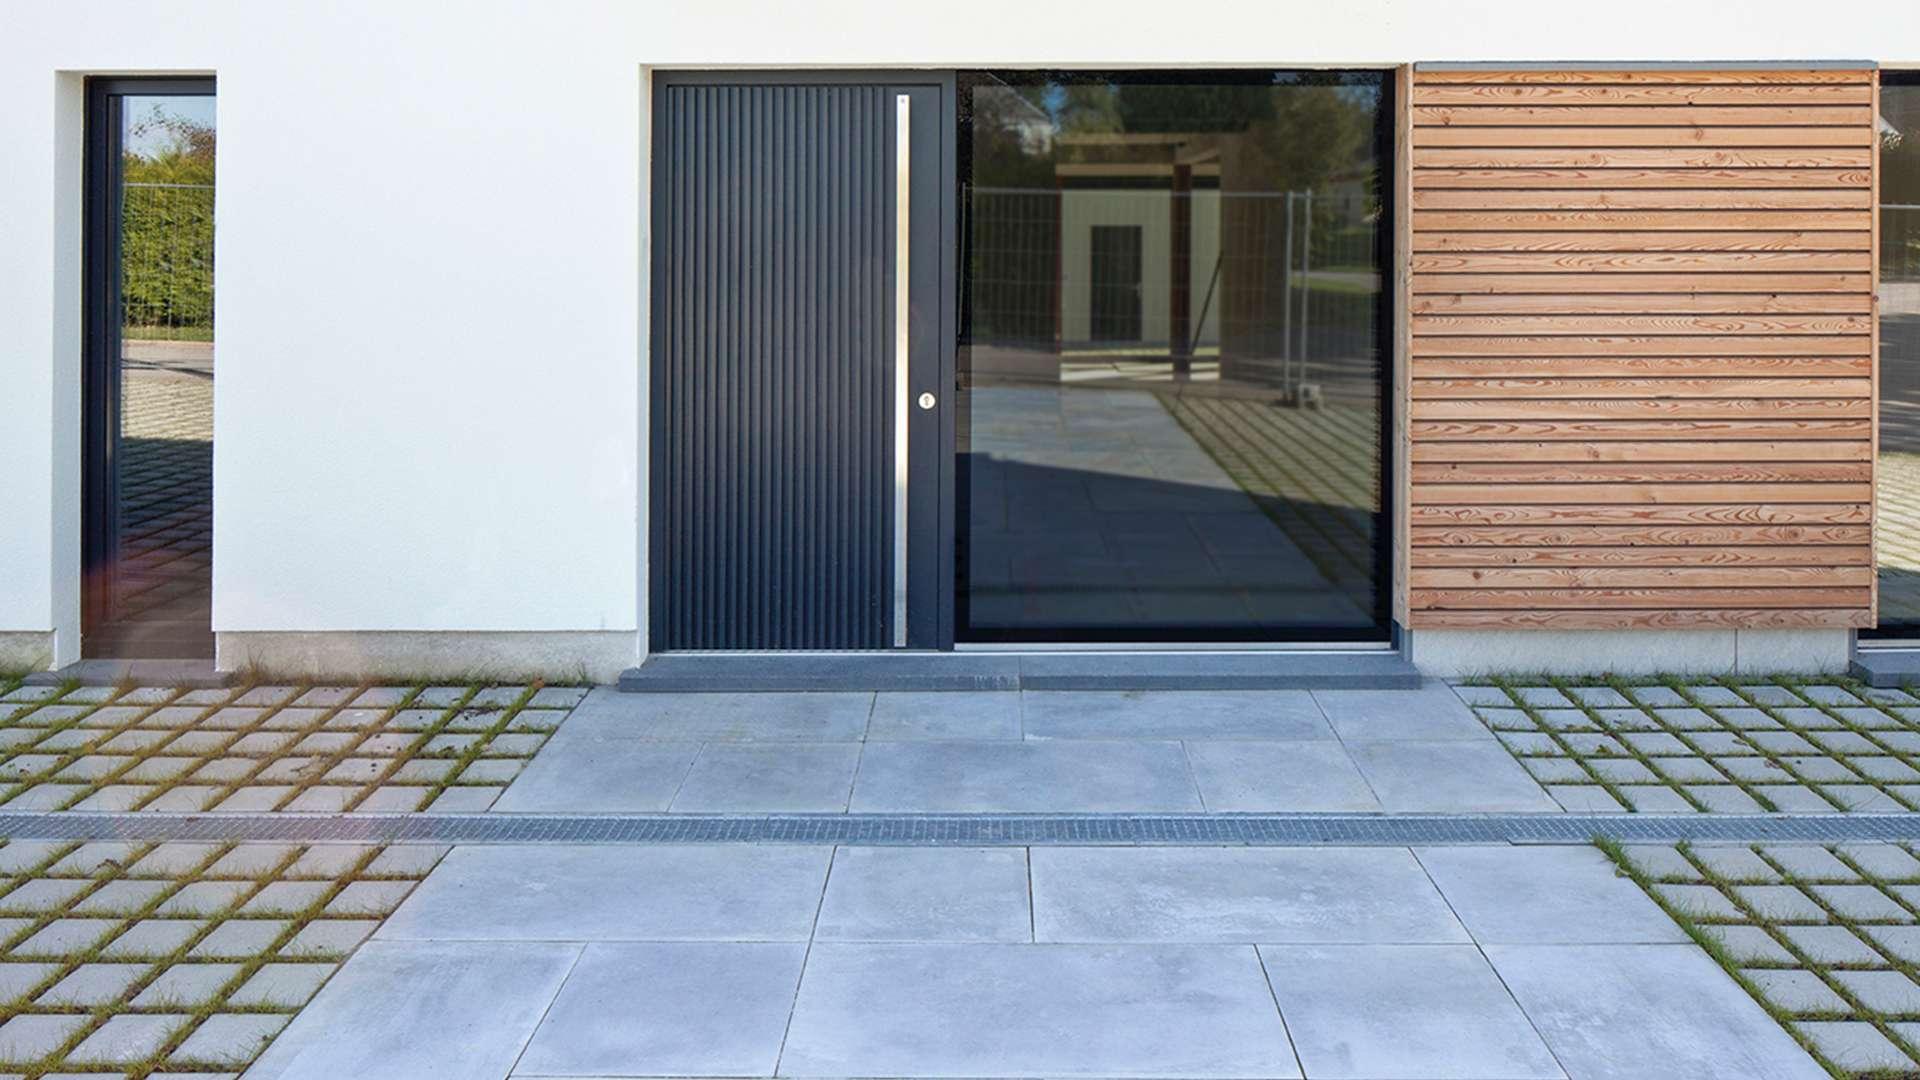 Holz-Haustür mit Glaselement auf der rechten Seite in weißer Fassade